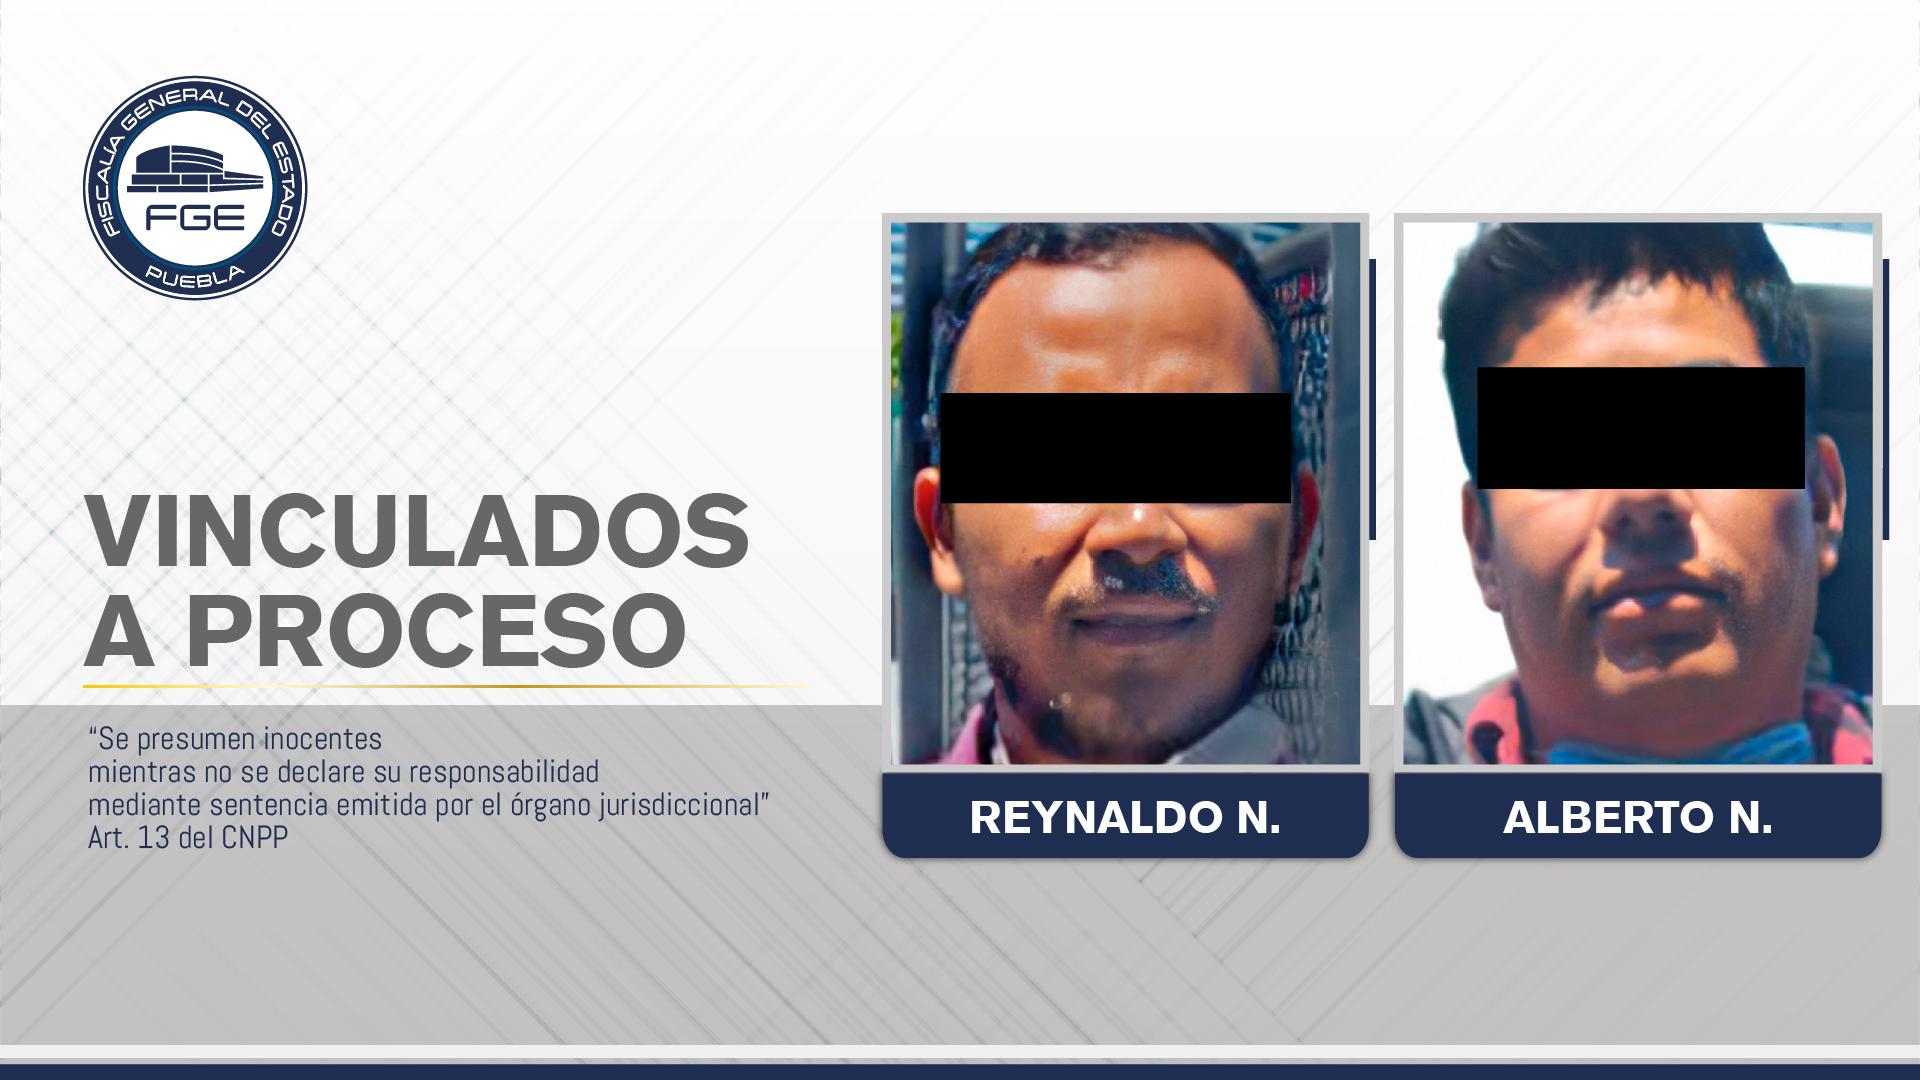 Vinculan a proceso de detenidos con 3 millones de pesos en Palmar de Bravo